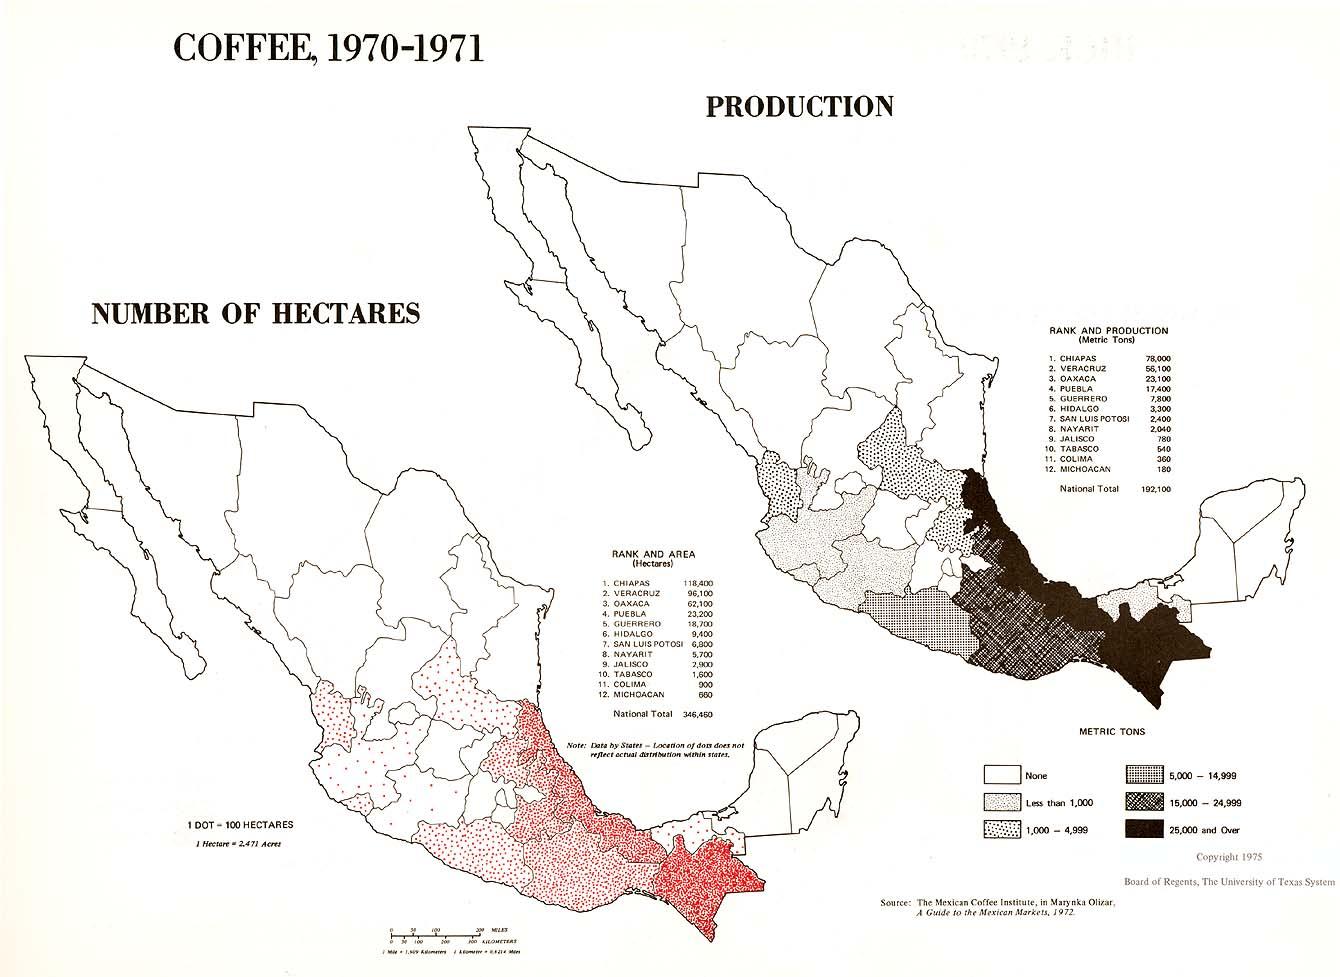 Mapa de Producción de Café en México 1970 - 1971